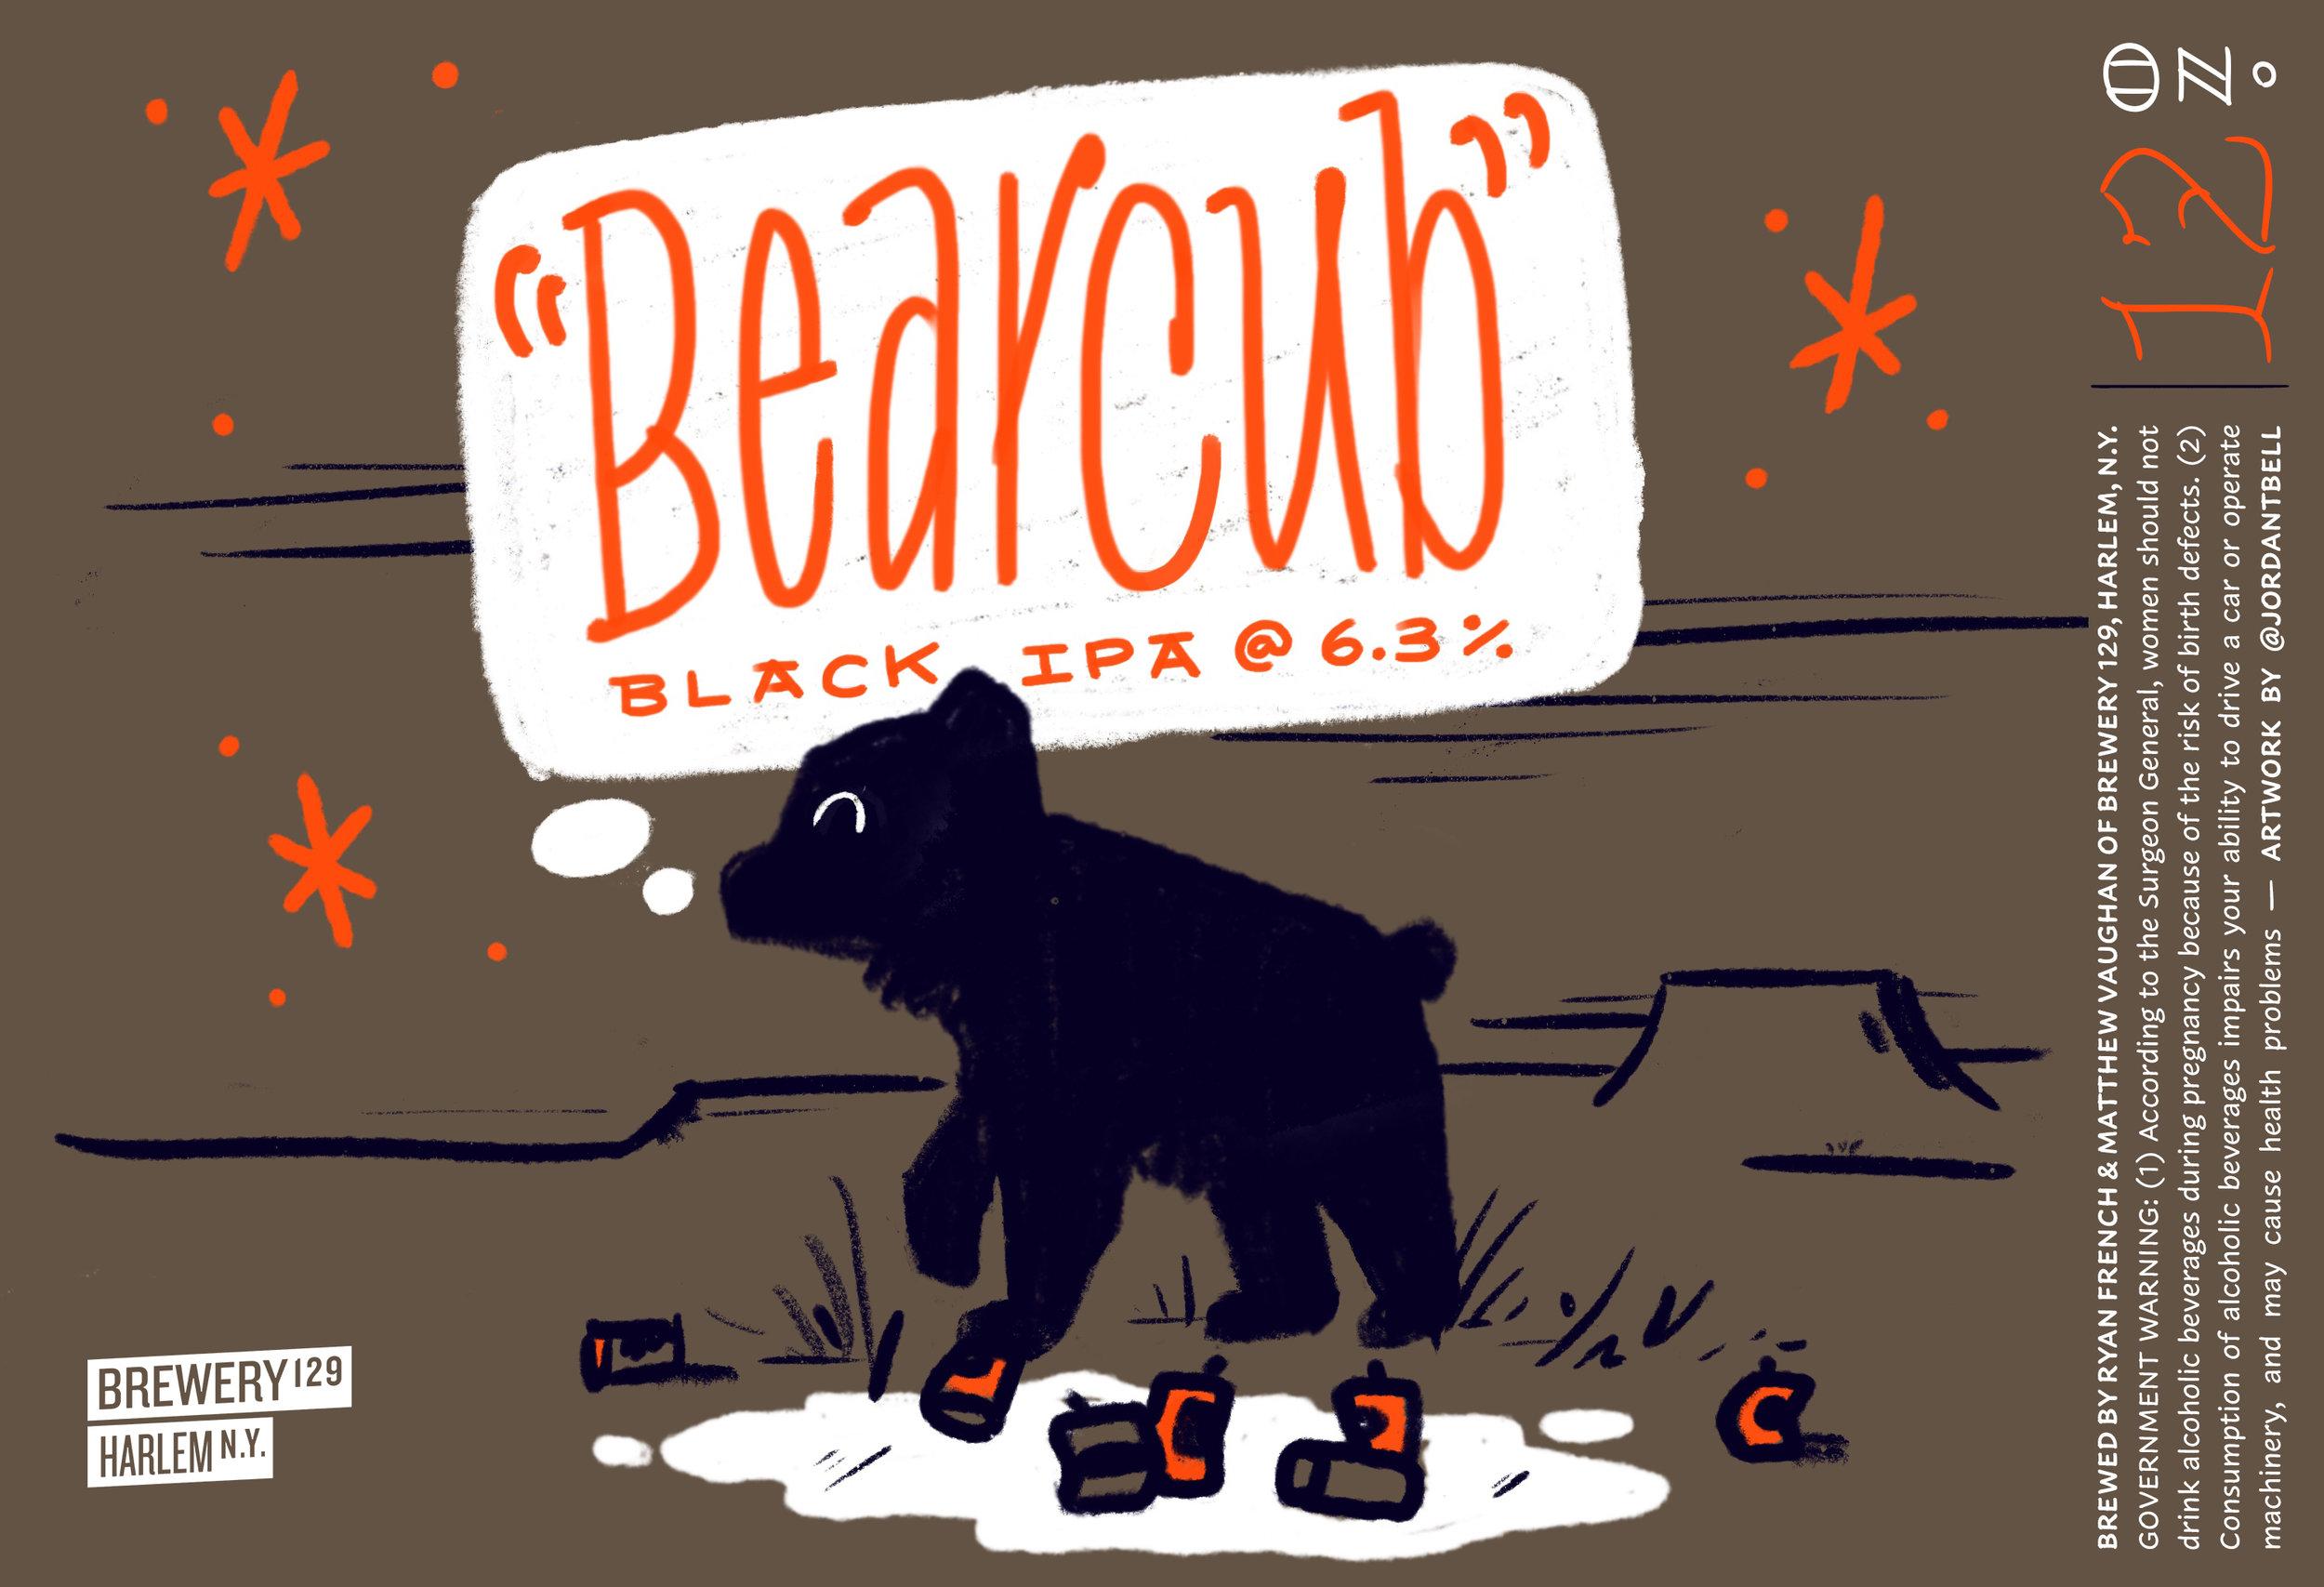 Brewery129 BEARCUB.jpg